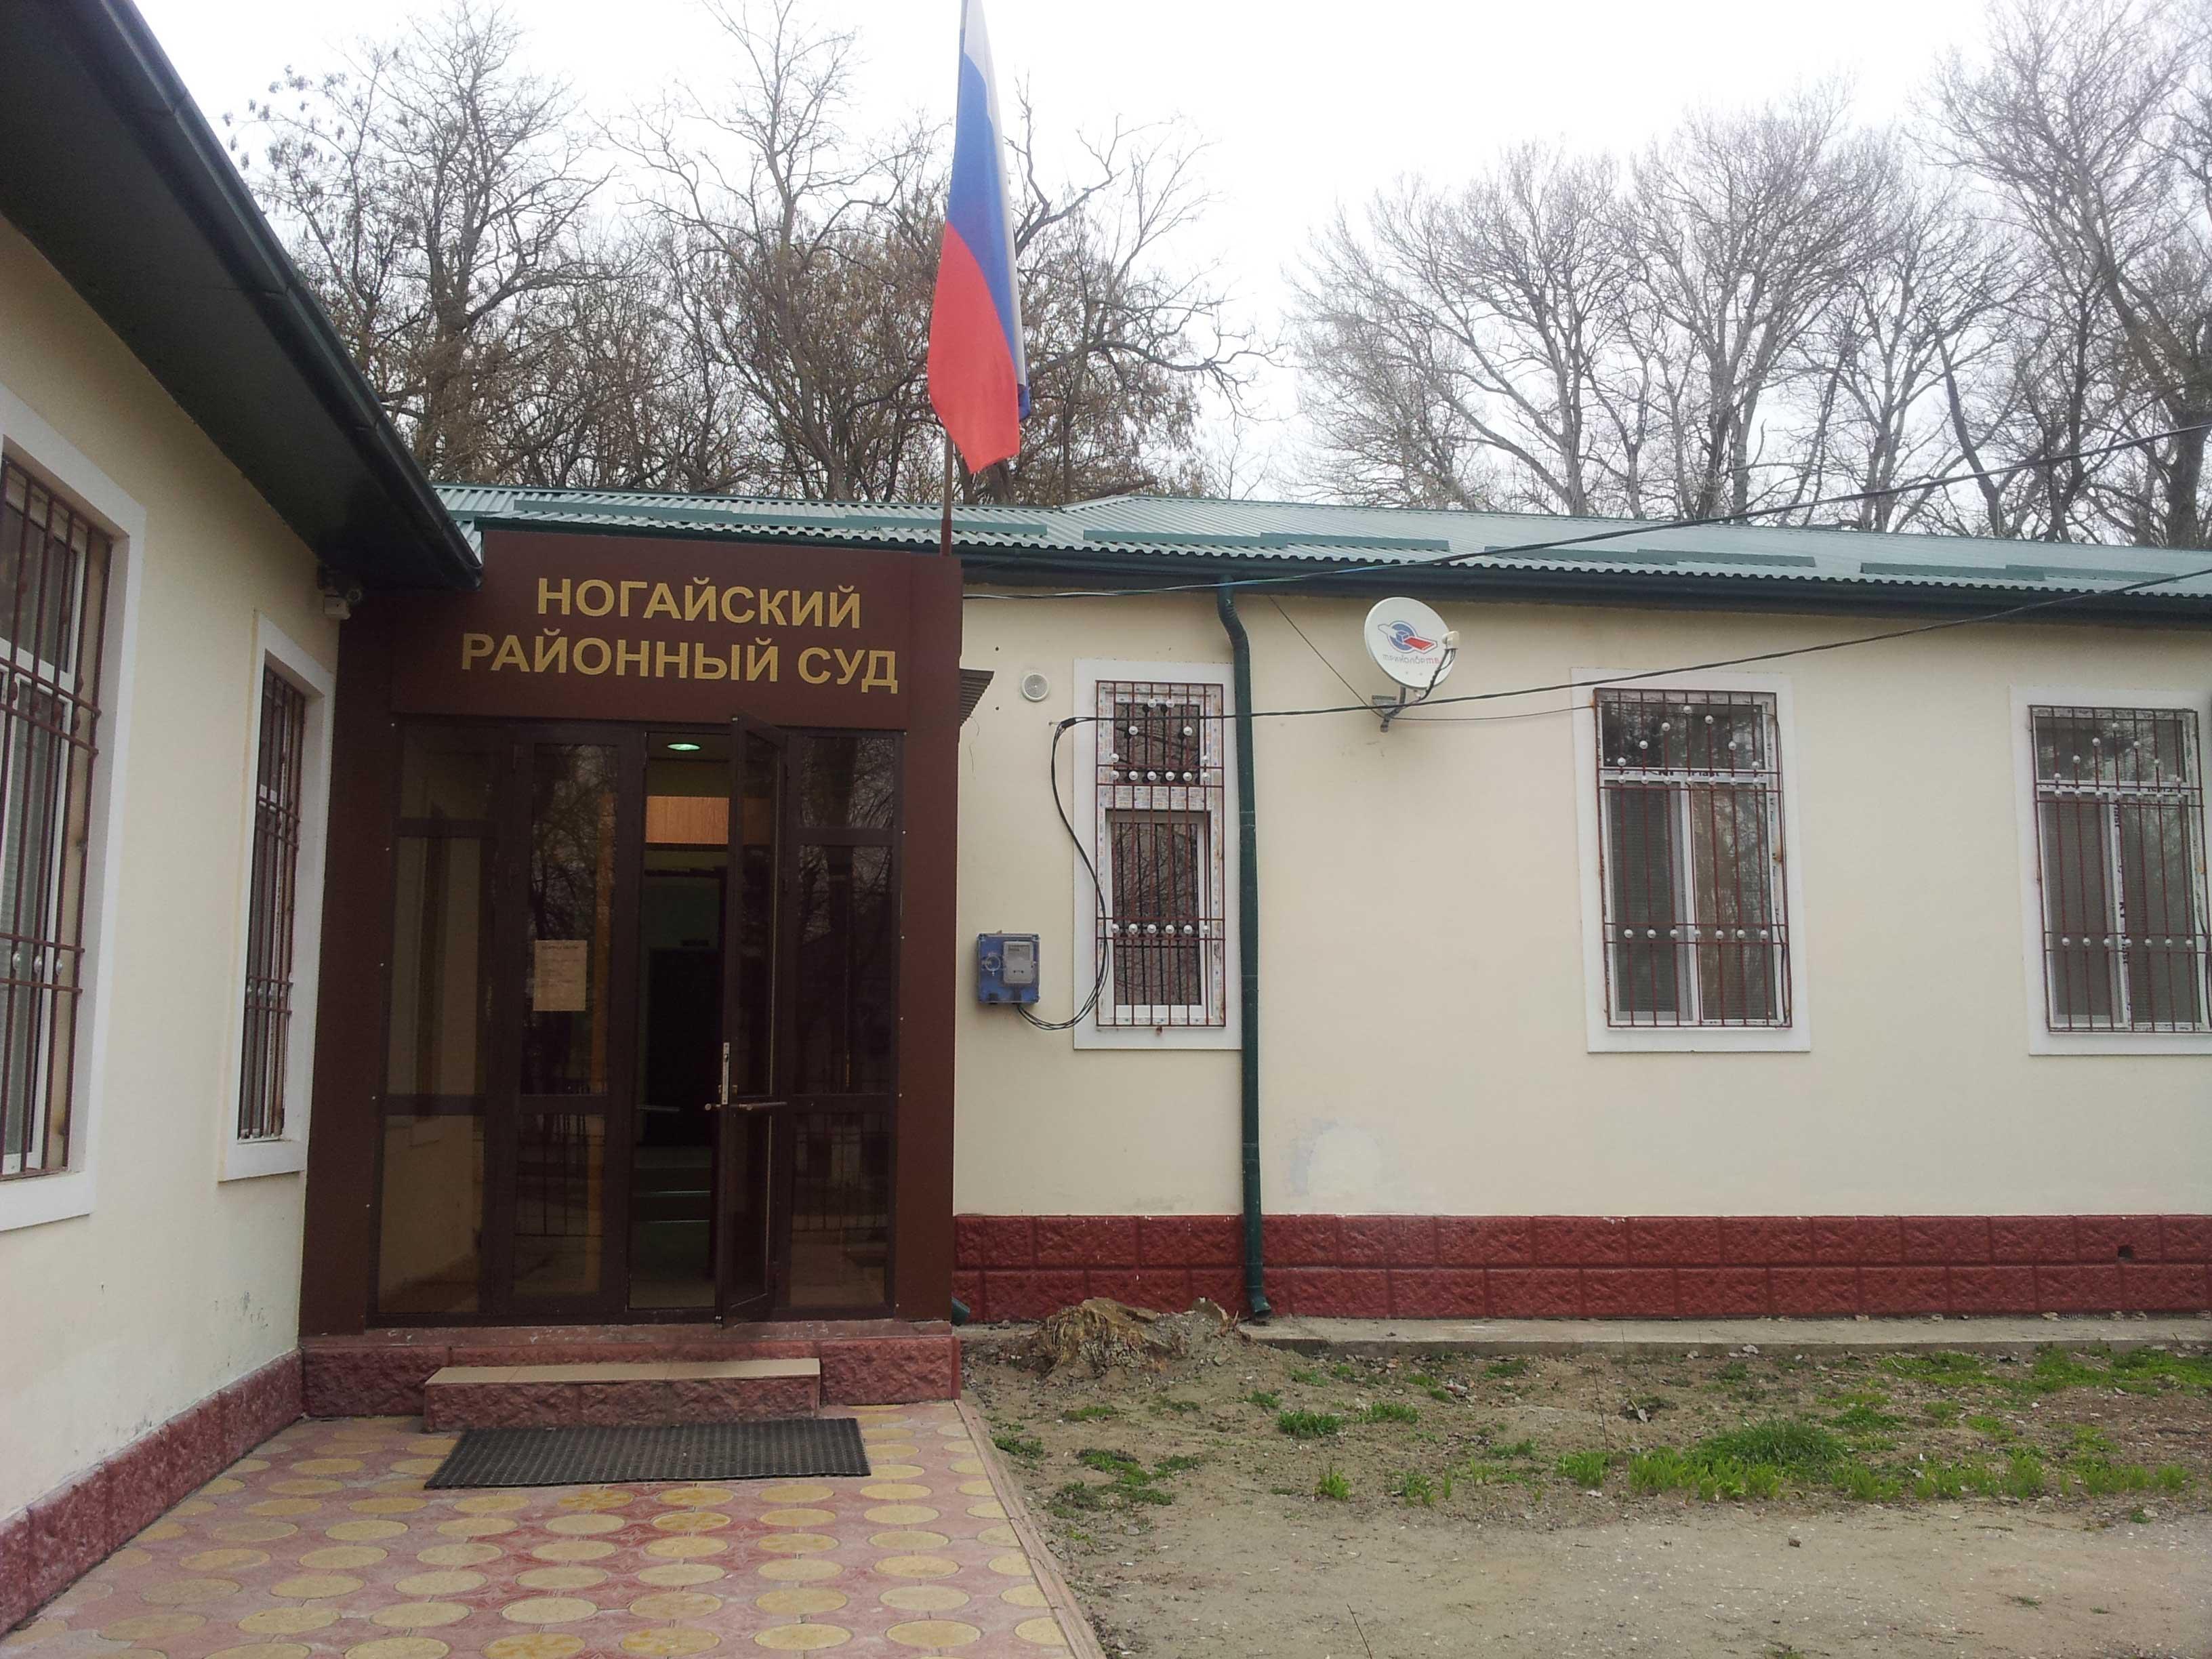 Ногайский районный суд